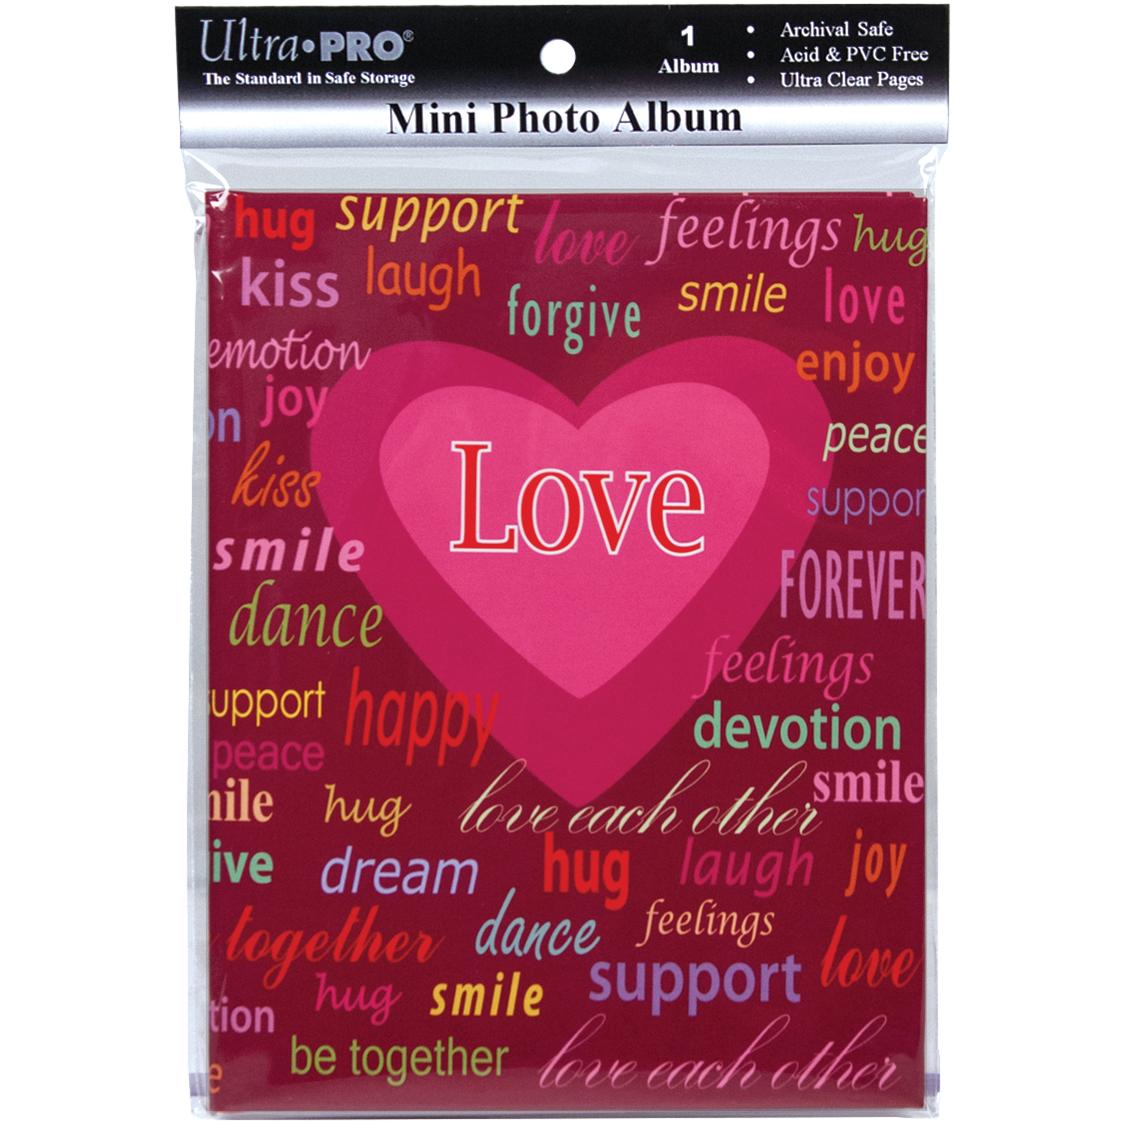 Ultra PRO 58203-R Mini Photo Album, 4 by 6-Inch, Love Multi-Colored